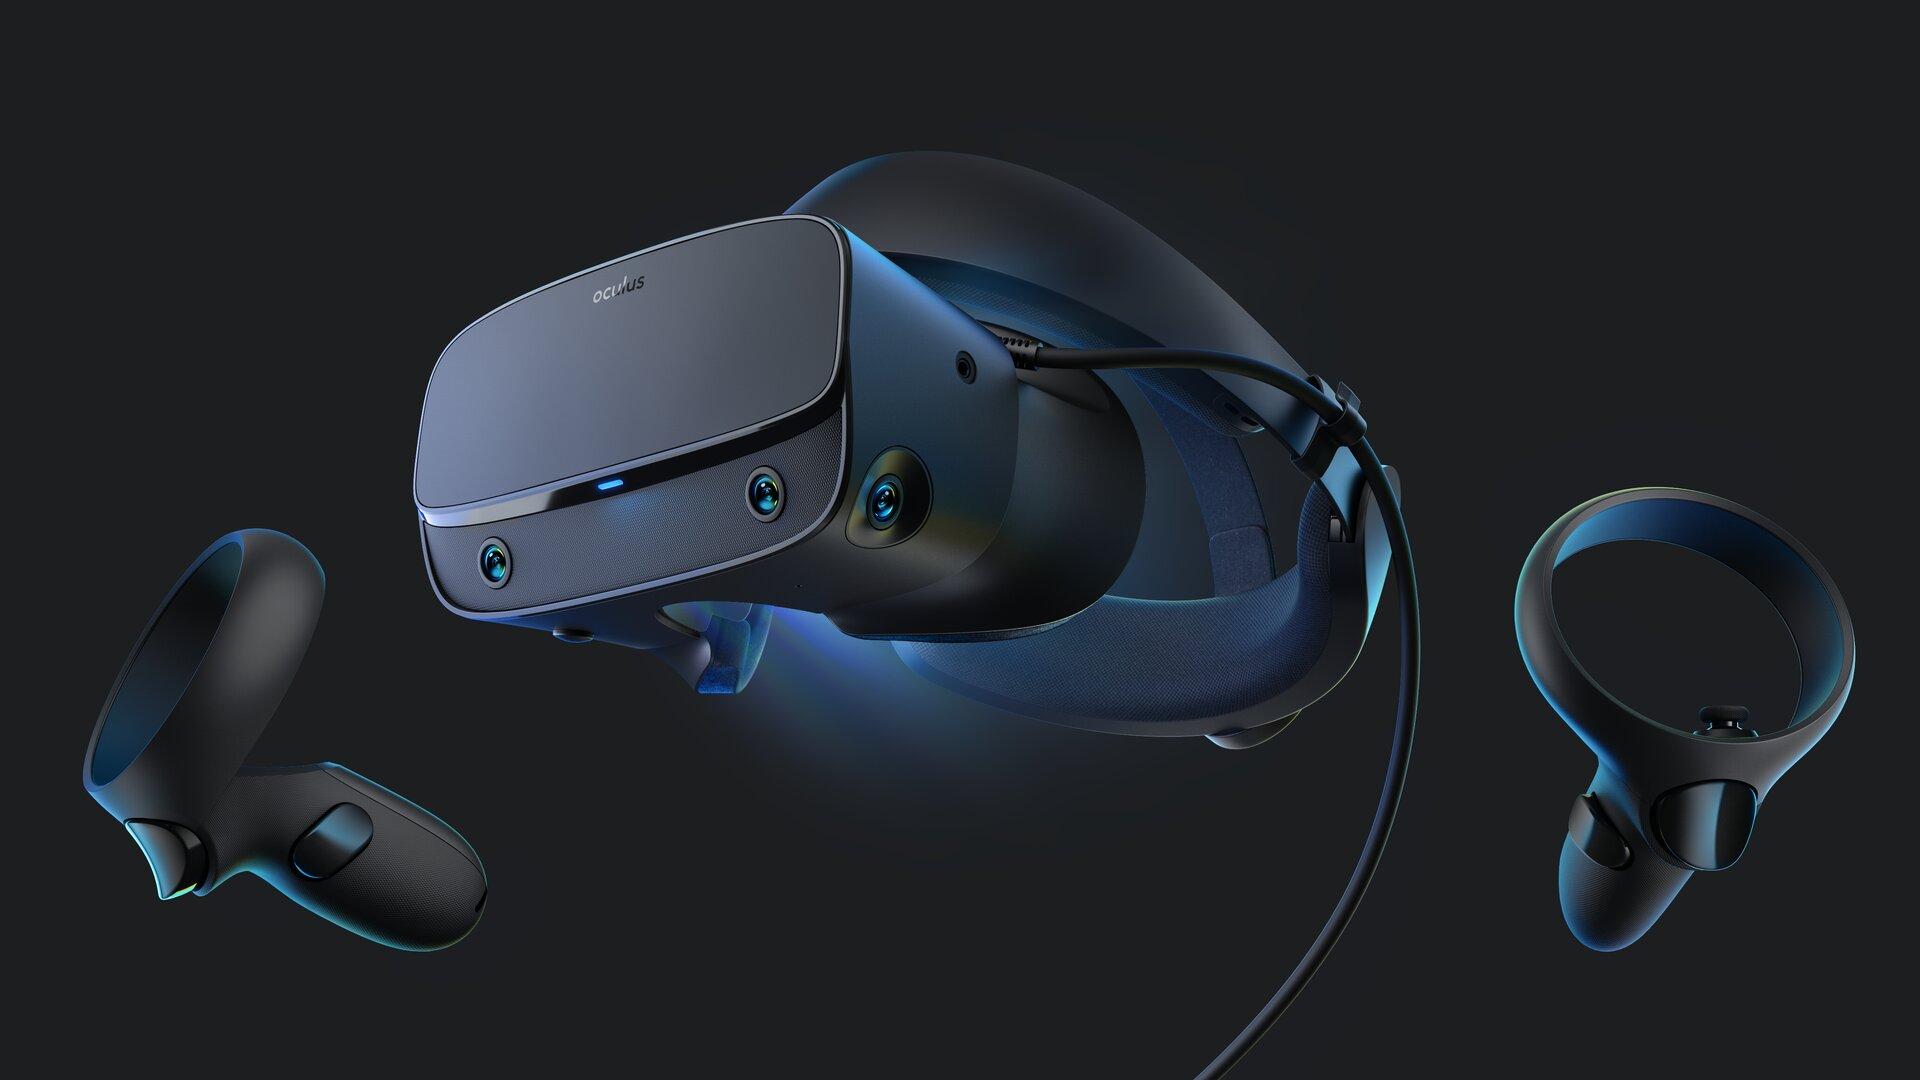 Oculus Rift S trackt die Controller mit fünf Sensoren